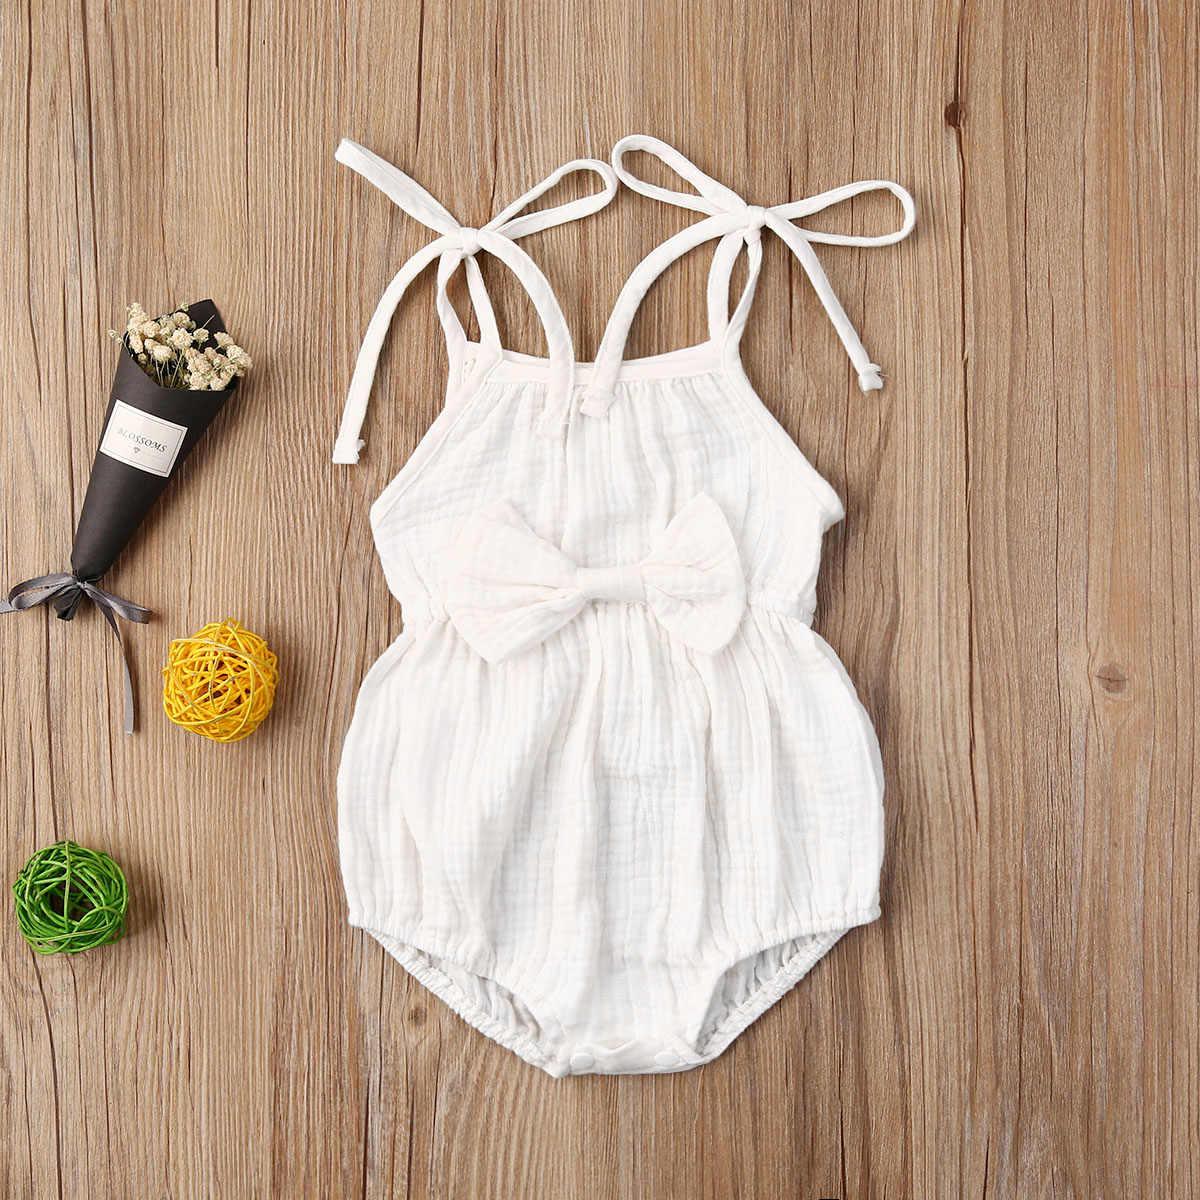 2020 Baby Sommer Kleidung Neugeborenen Baby Mädchen Nette Kleidung Srap Strampler Baumwolle Leinen Solide Overall Bowknot Outfits Set Weichen